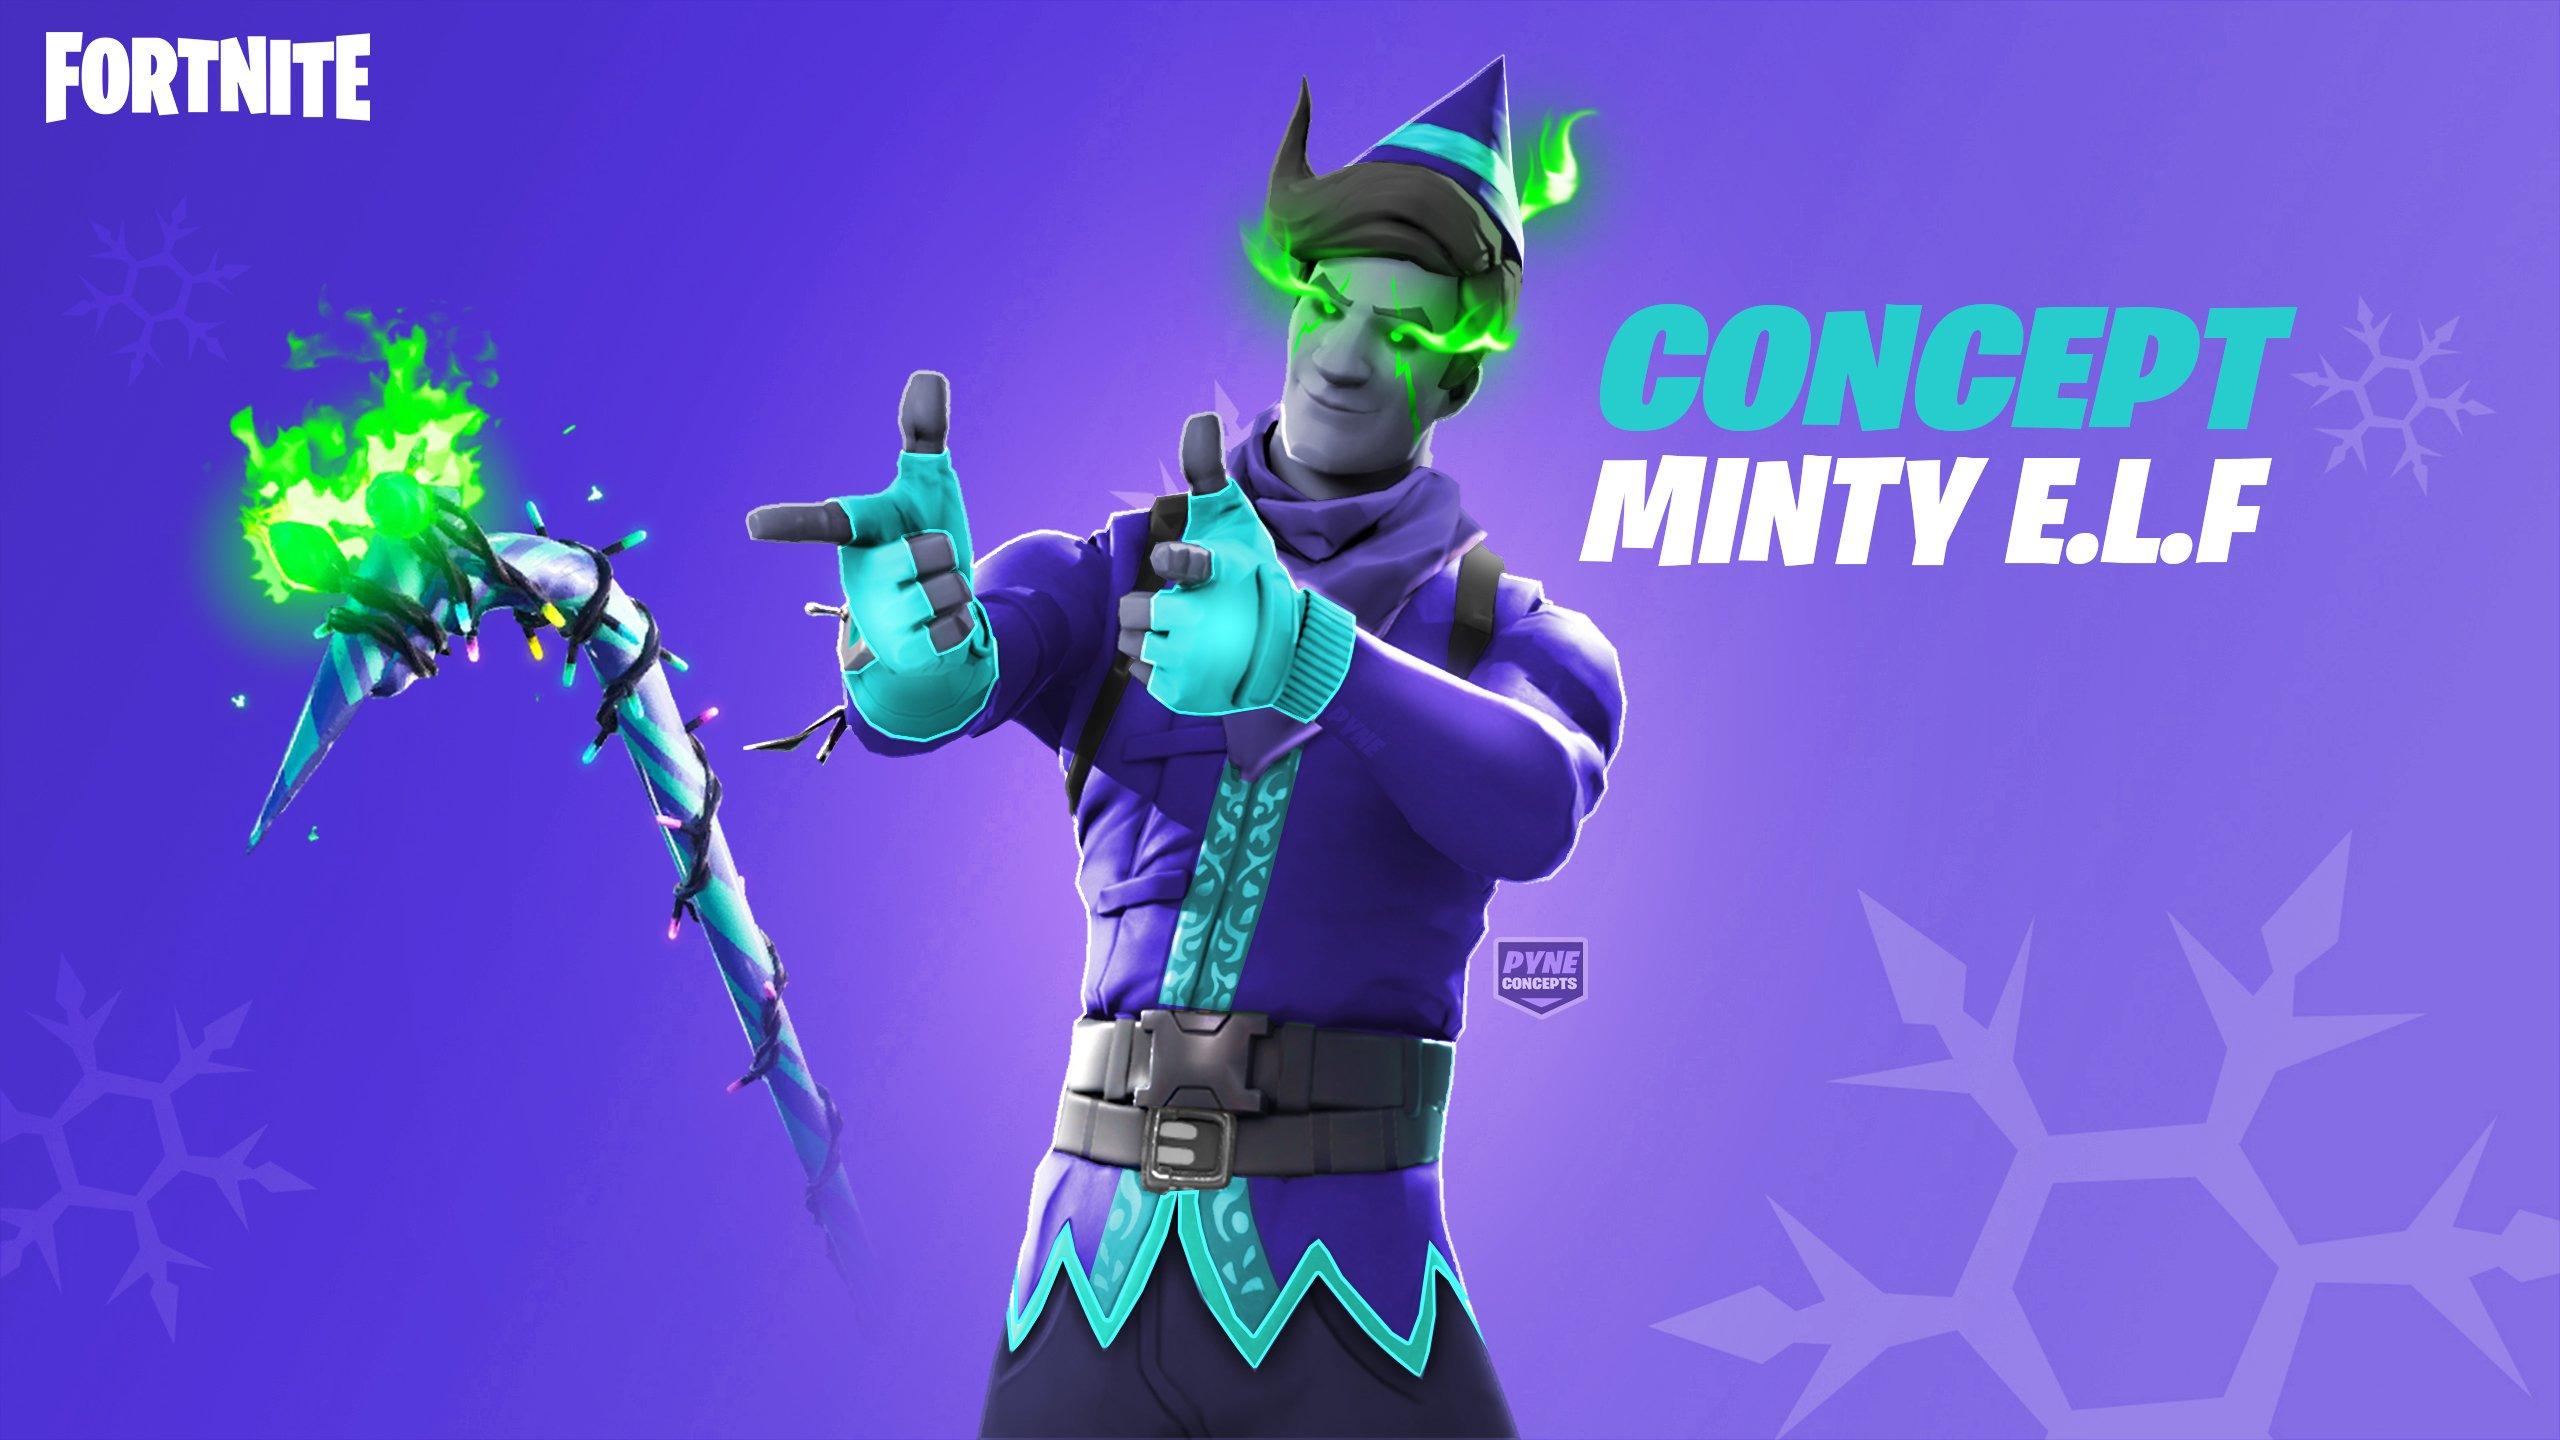 Codename E.L.F Minty Concept